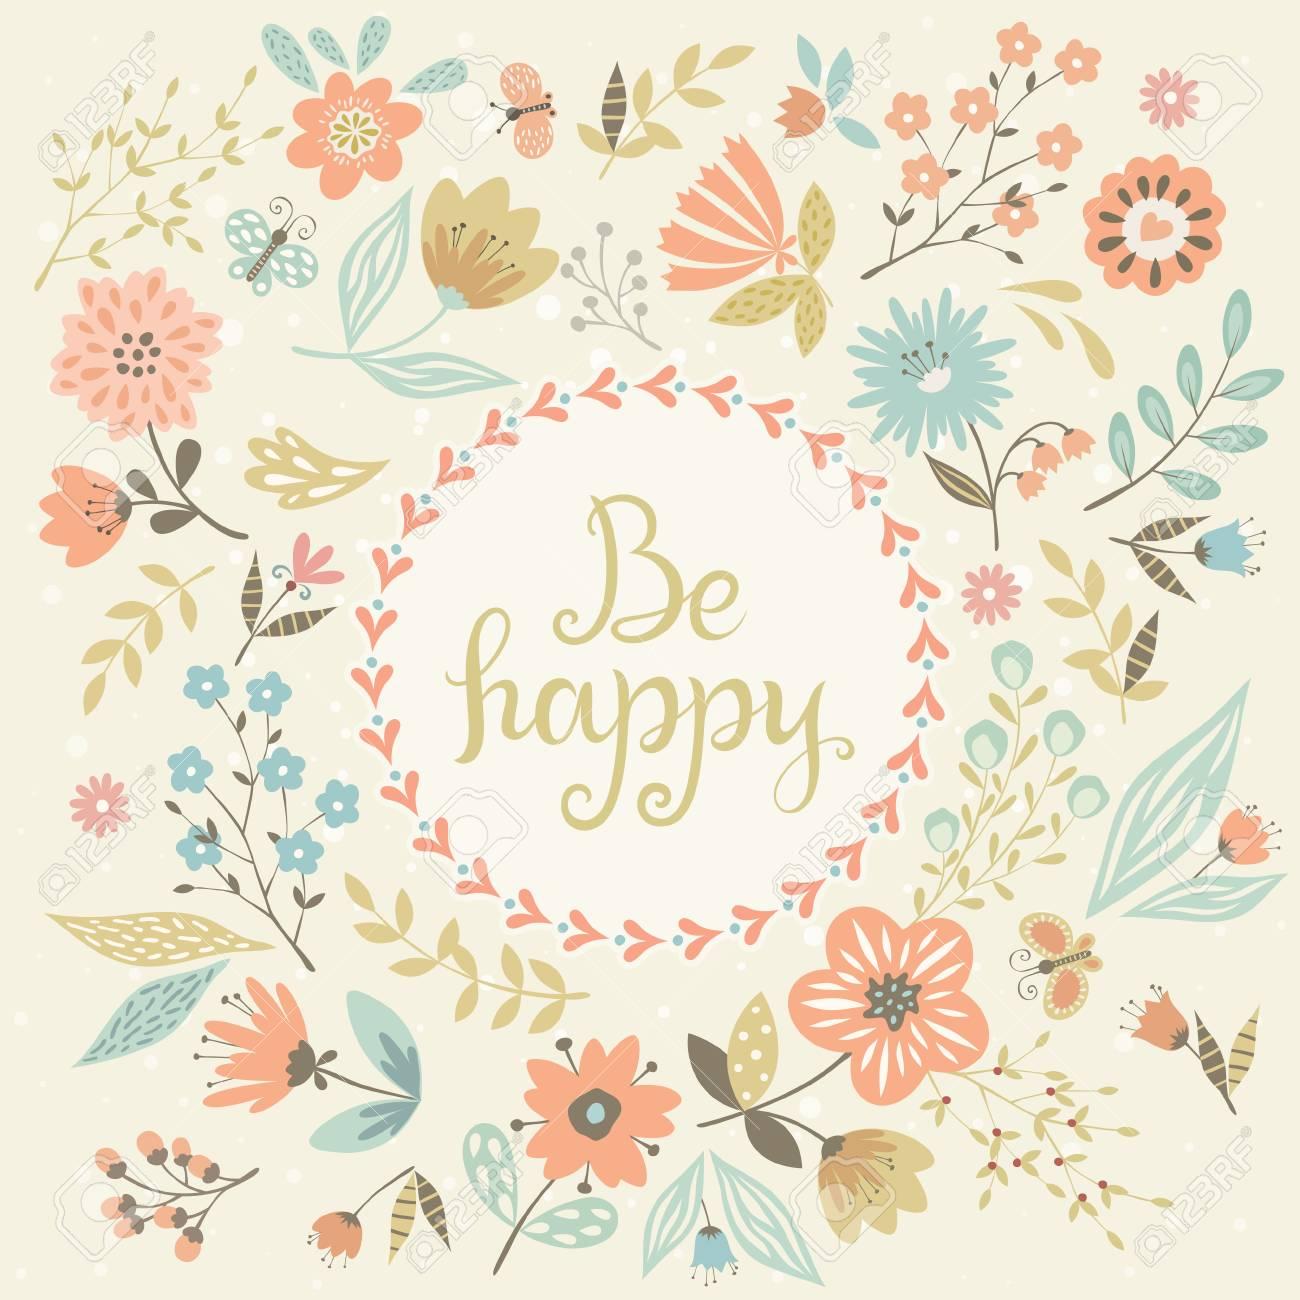 ベクトル花カード 丸いフレームに手書きの文字 のイラスト素材 ベクタ Image